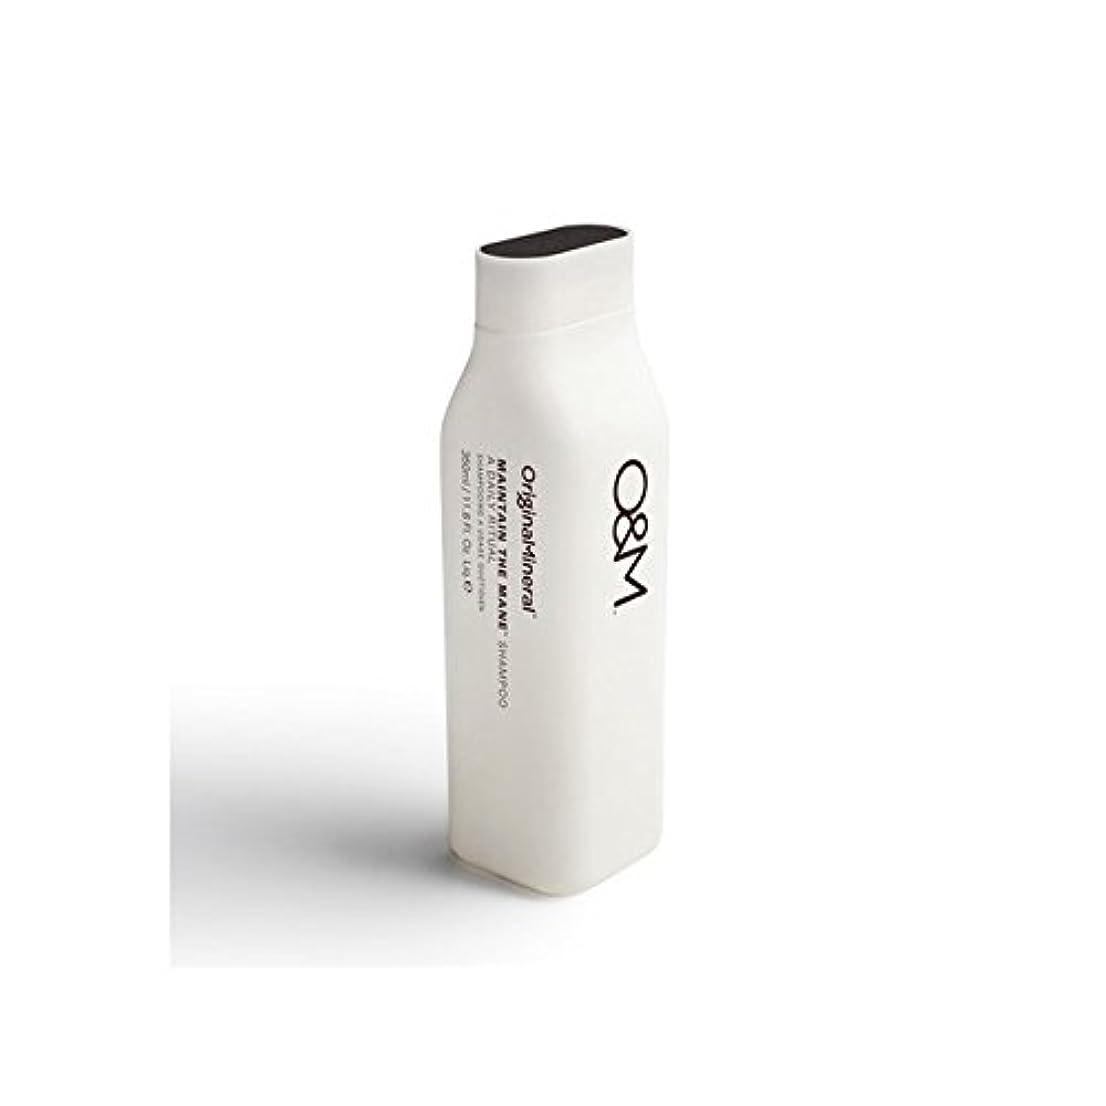 悲鳴れんが上院Original & Mineral Maintain The Mane Shampoo (350ml) - オリジナル&ミネラルは、たてがみのシャンプー(350ミリリットル)を維持 [並行輸入品]